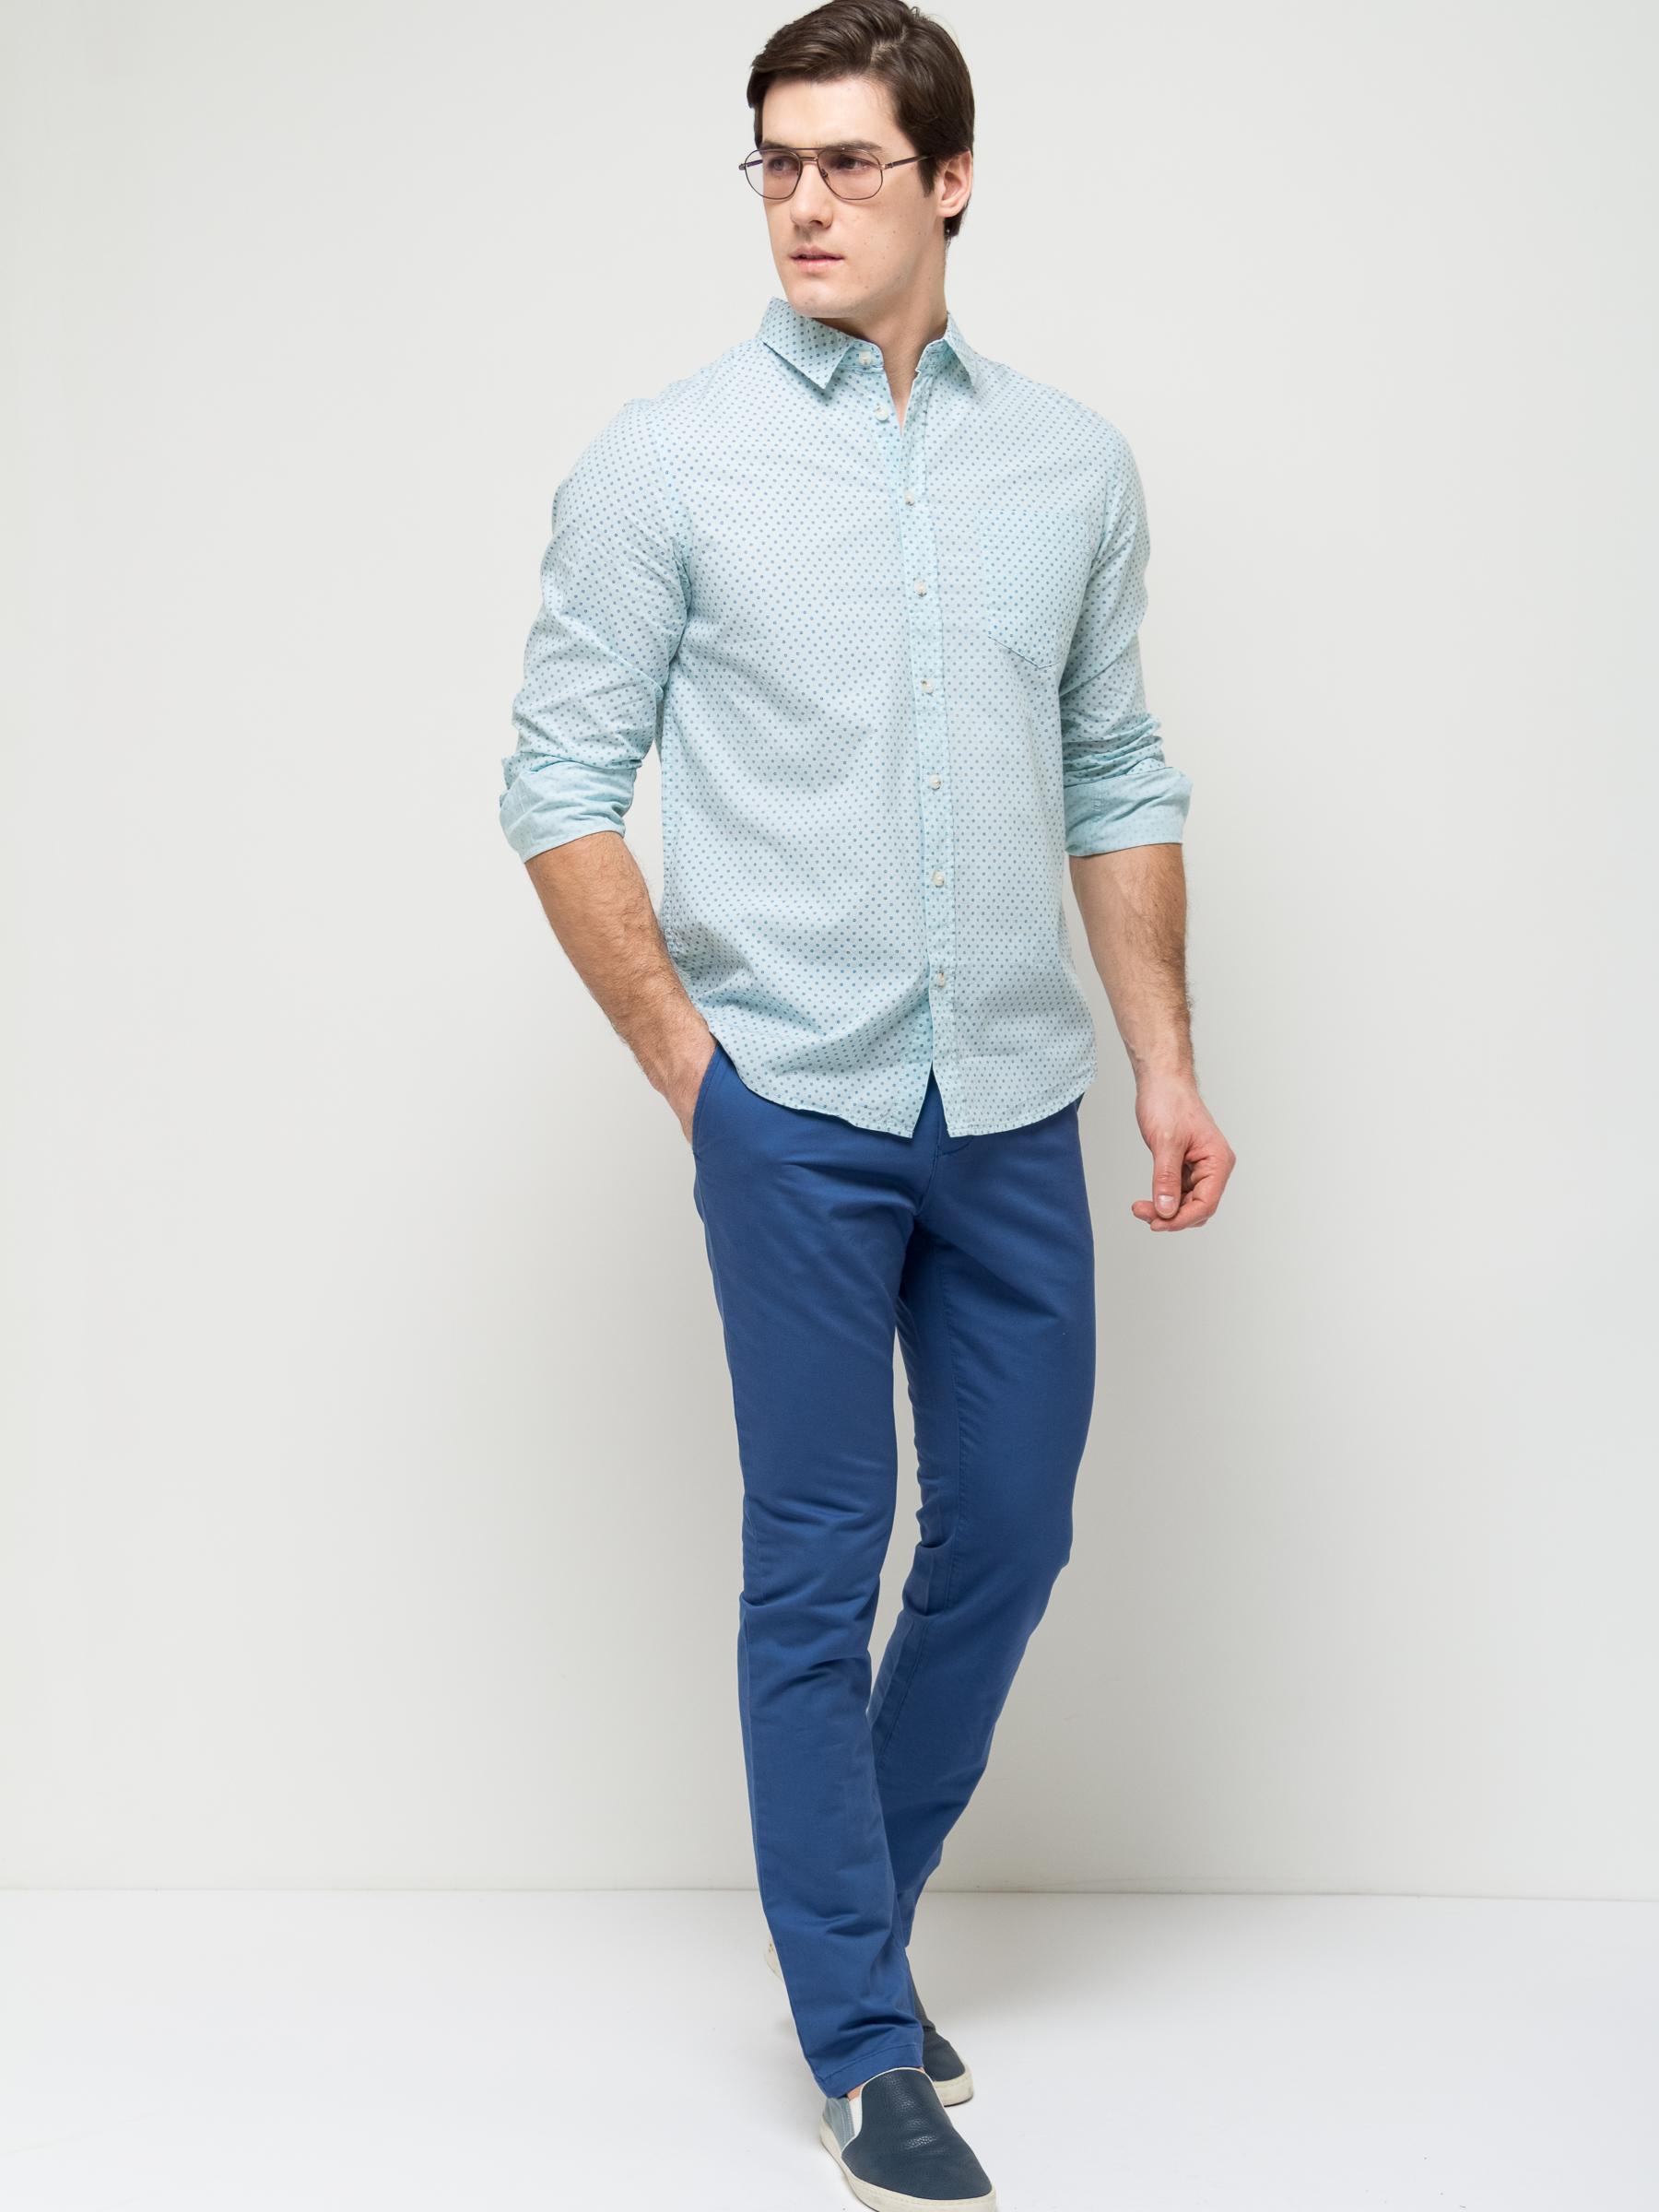 Рубашка мужская Sela, цвет: дымчатый ментол. H-212/749-7112. Размер 40 (46)H-212/749-7112Стильная мужская рубашка Sela выполнена из натурального хлопка и оформлена принтом в мелкий горошек. Модель полуприлегающего кроя с длинными рукавами и отложным воротничком застегивается на пуговицы и дополнена накладным карманом на груди. Манжеты рукавов также дополнены пуговицами.Яркий цвет модели позволяет создавать стильные образы.